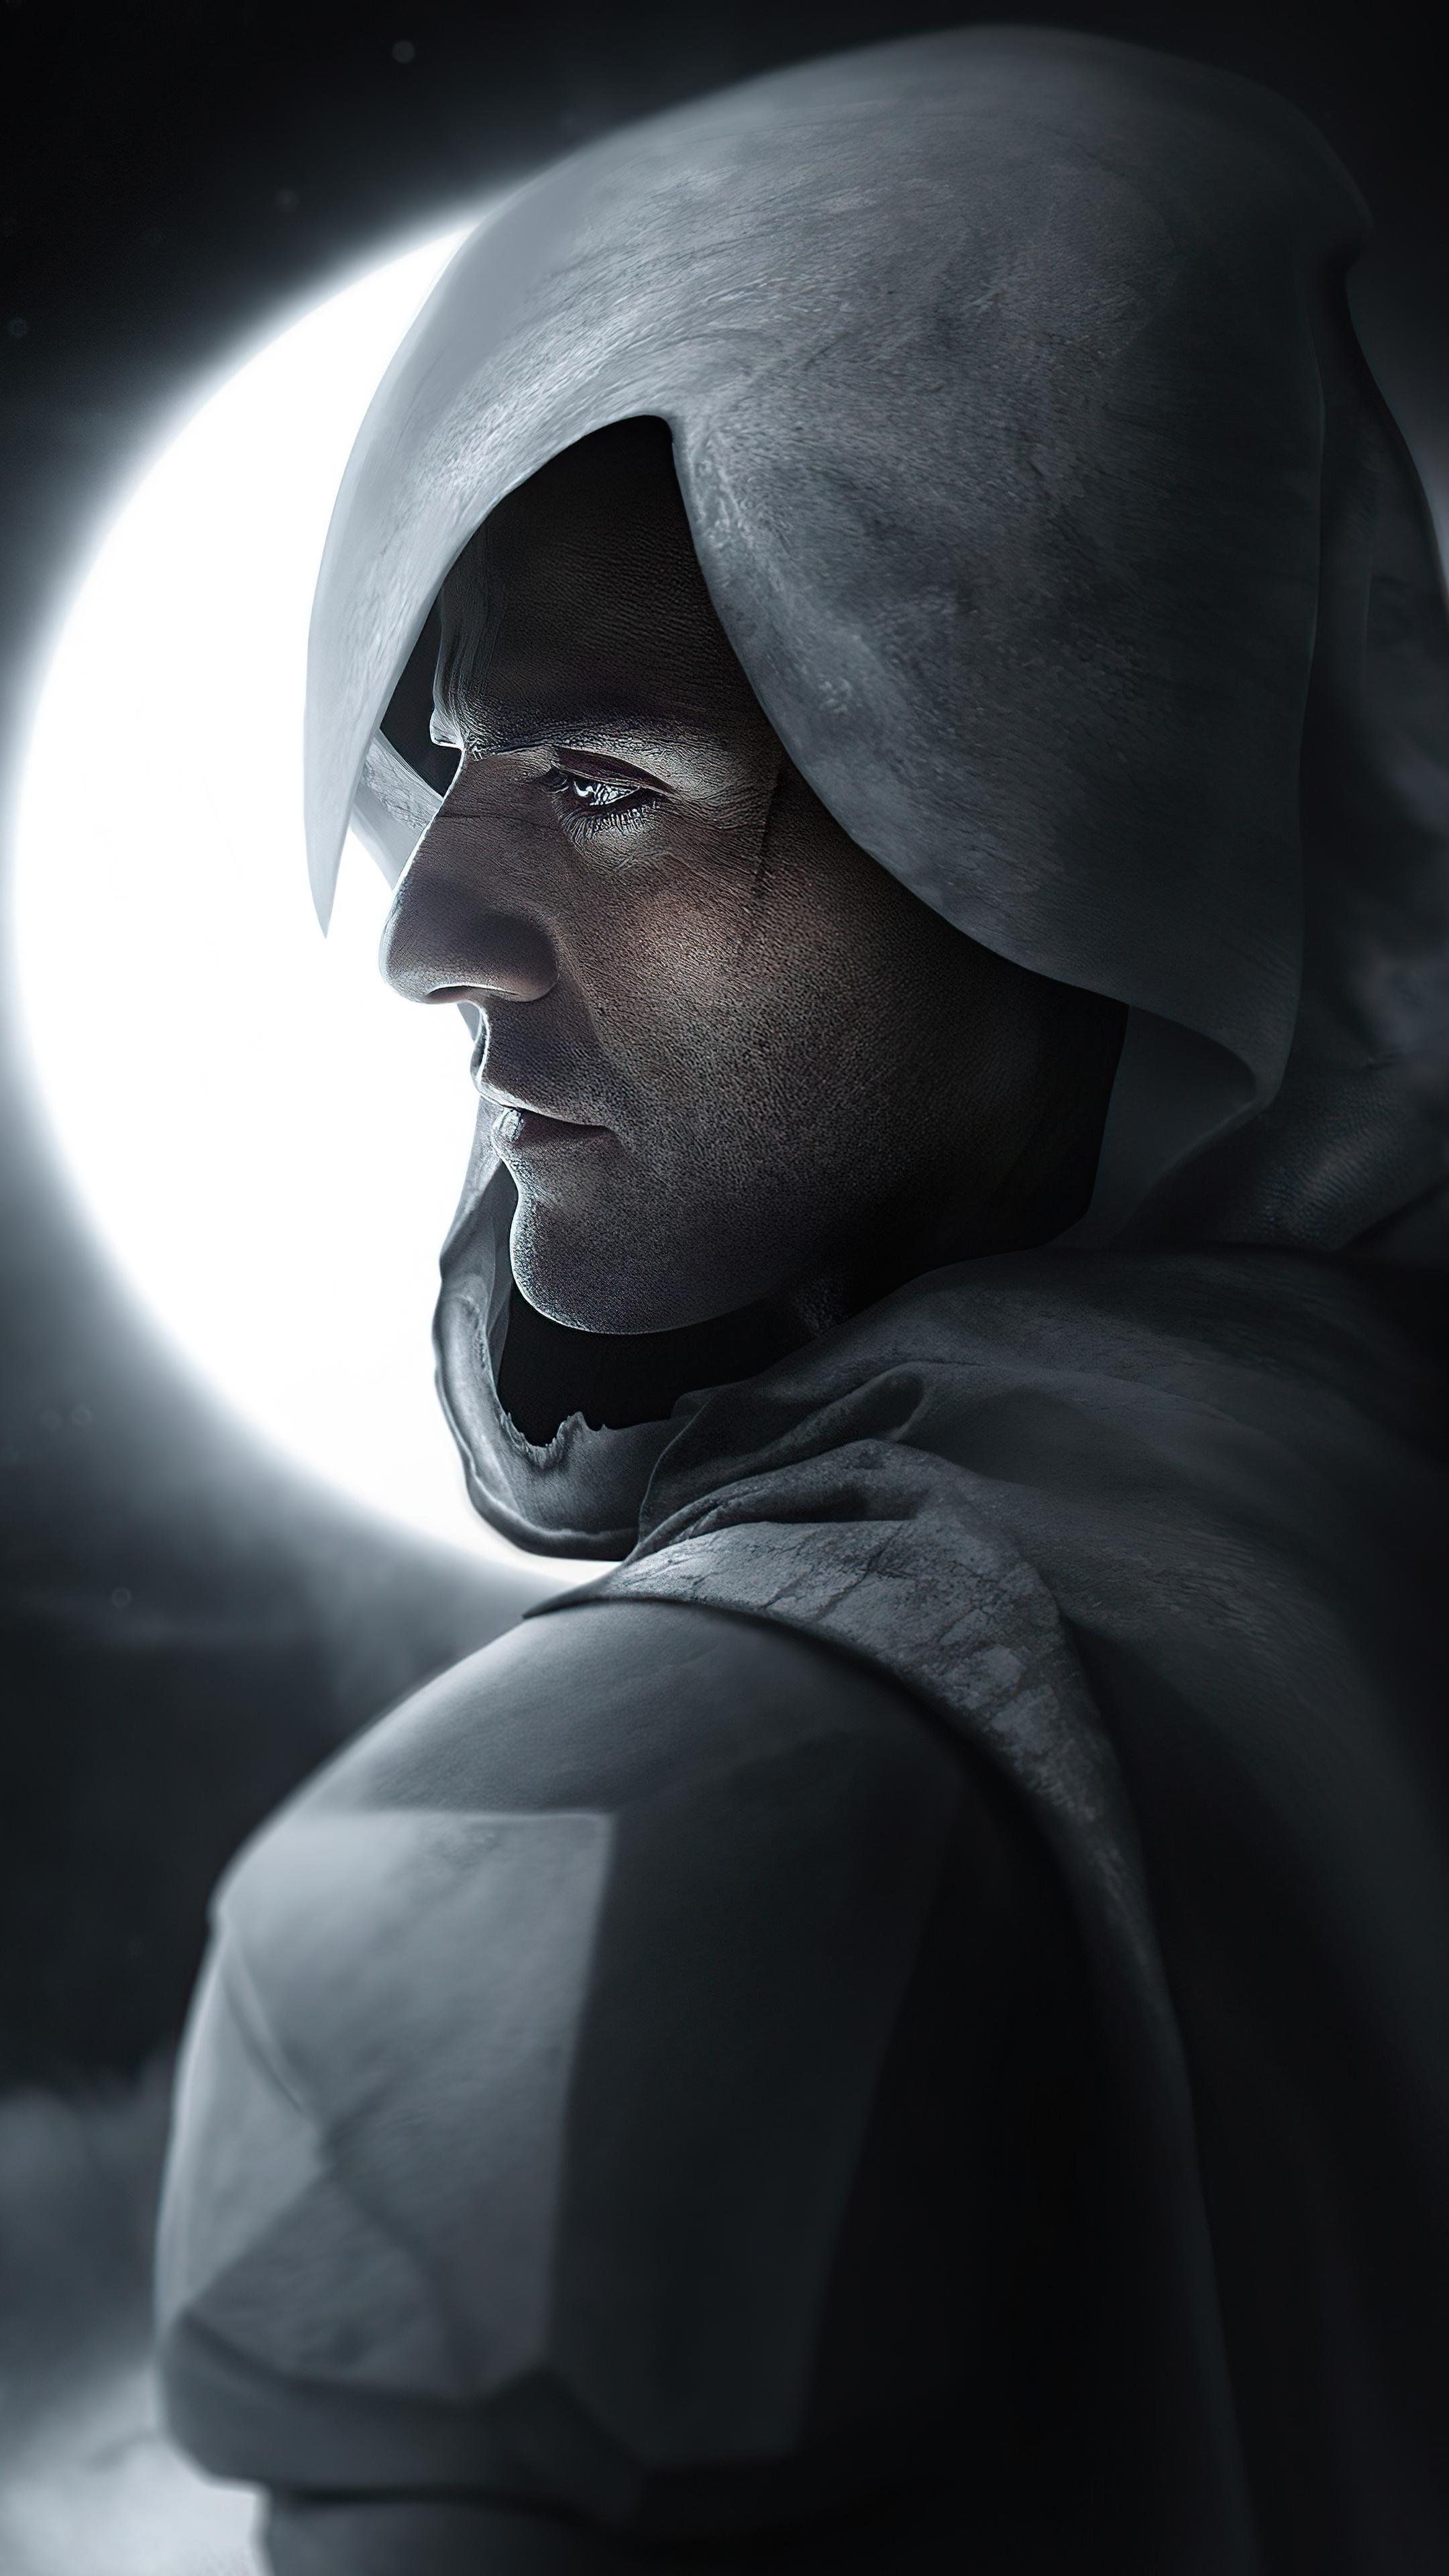 moon-knight-2021-bj.jpg